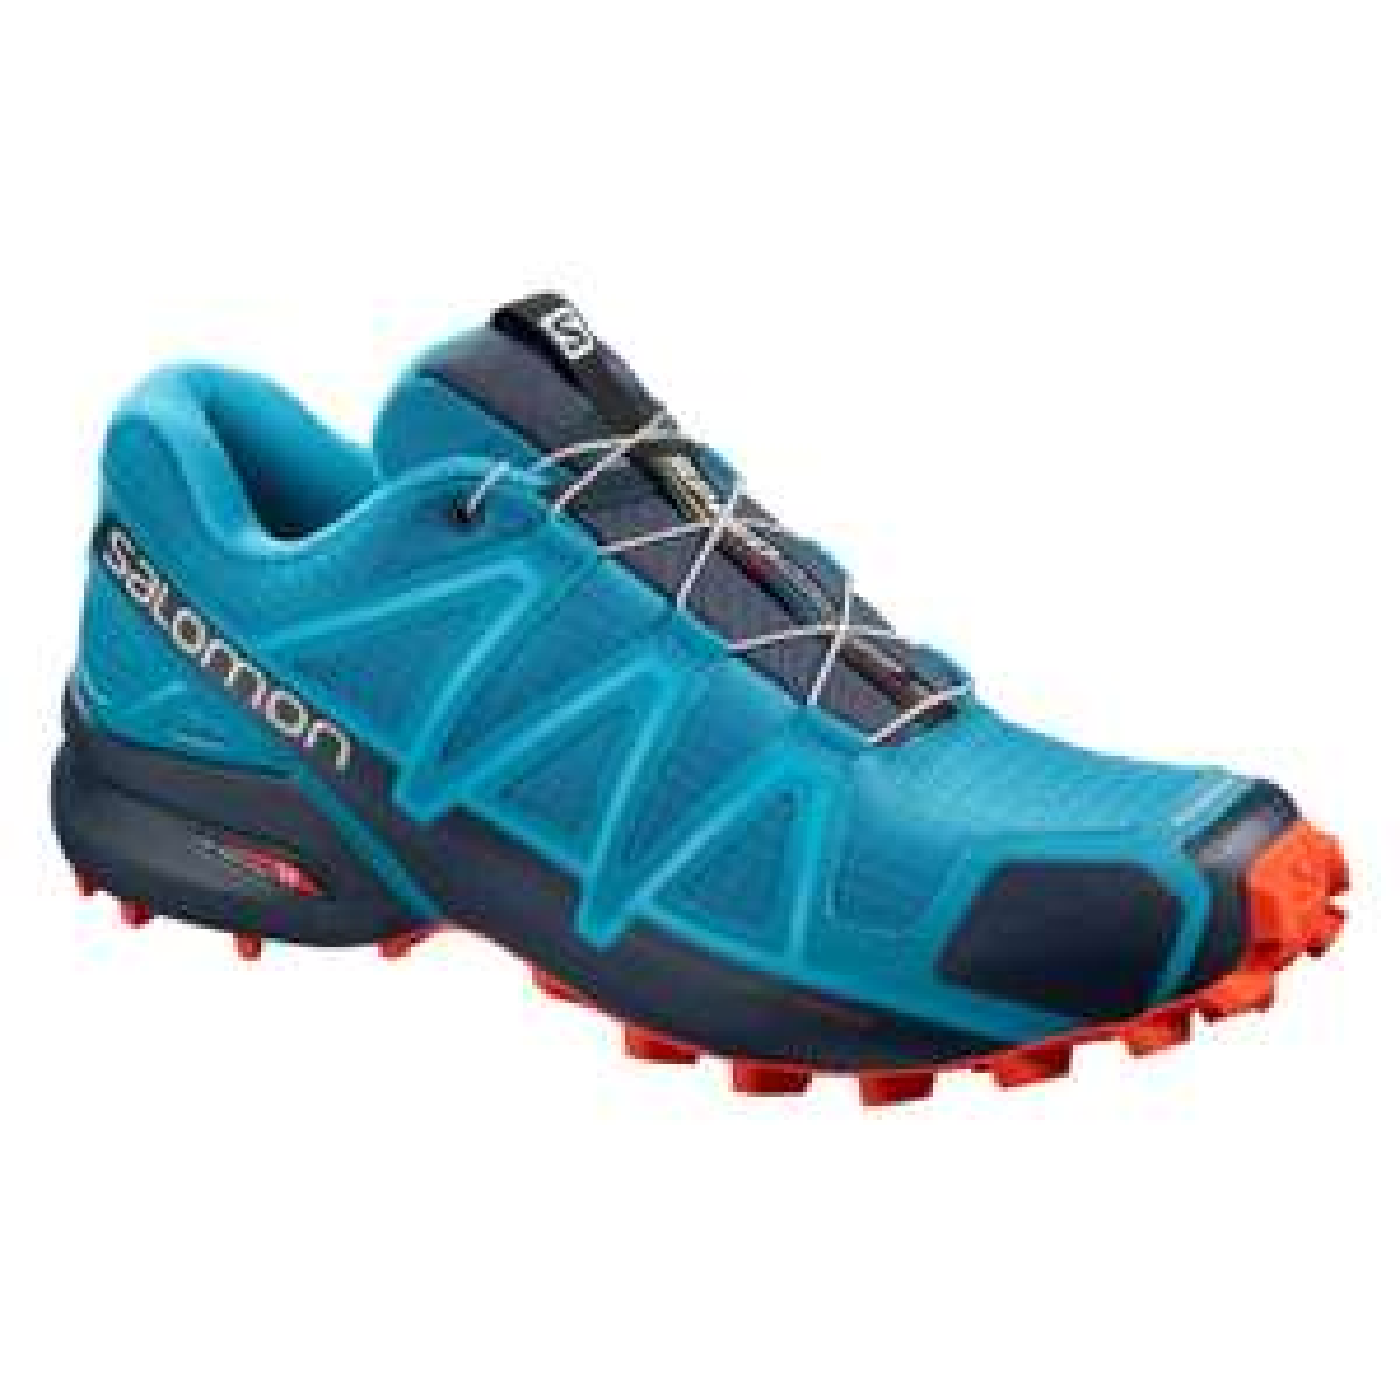 Męskie buty Salomon Speedcross 4 za 252zł (rozm.42-46) @ Martes Sport